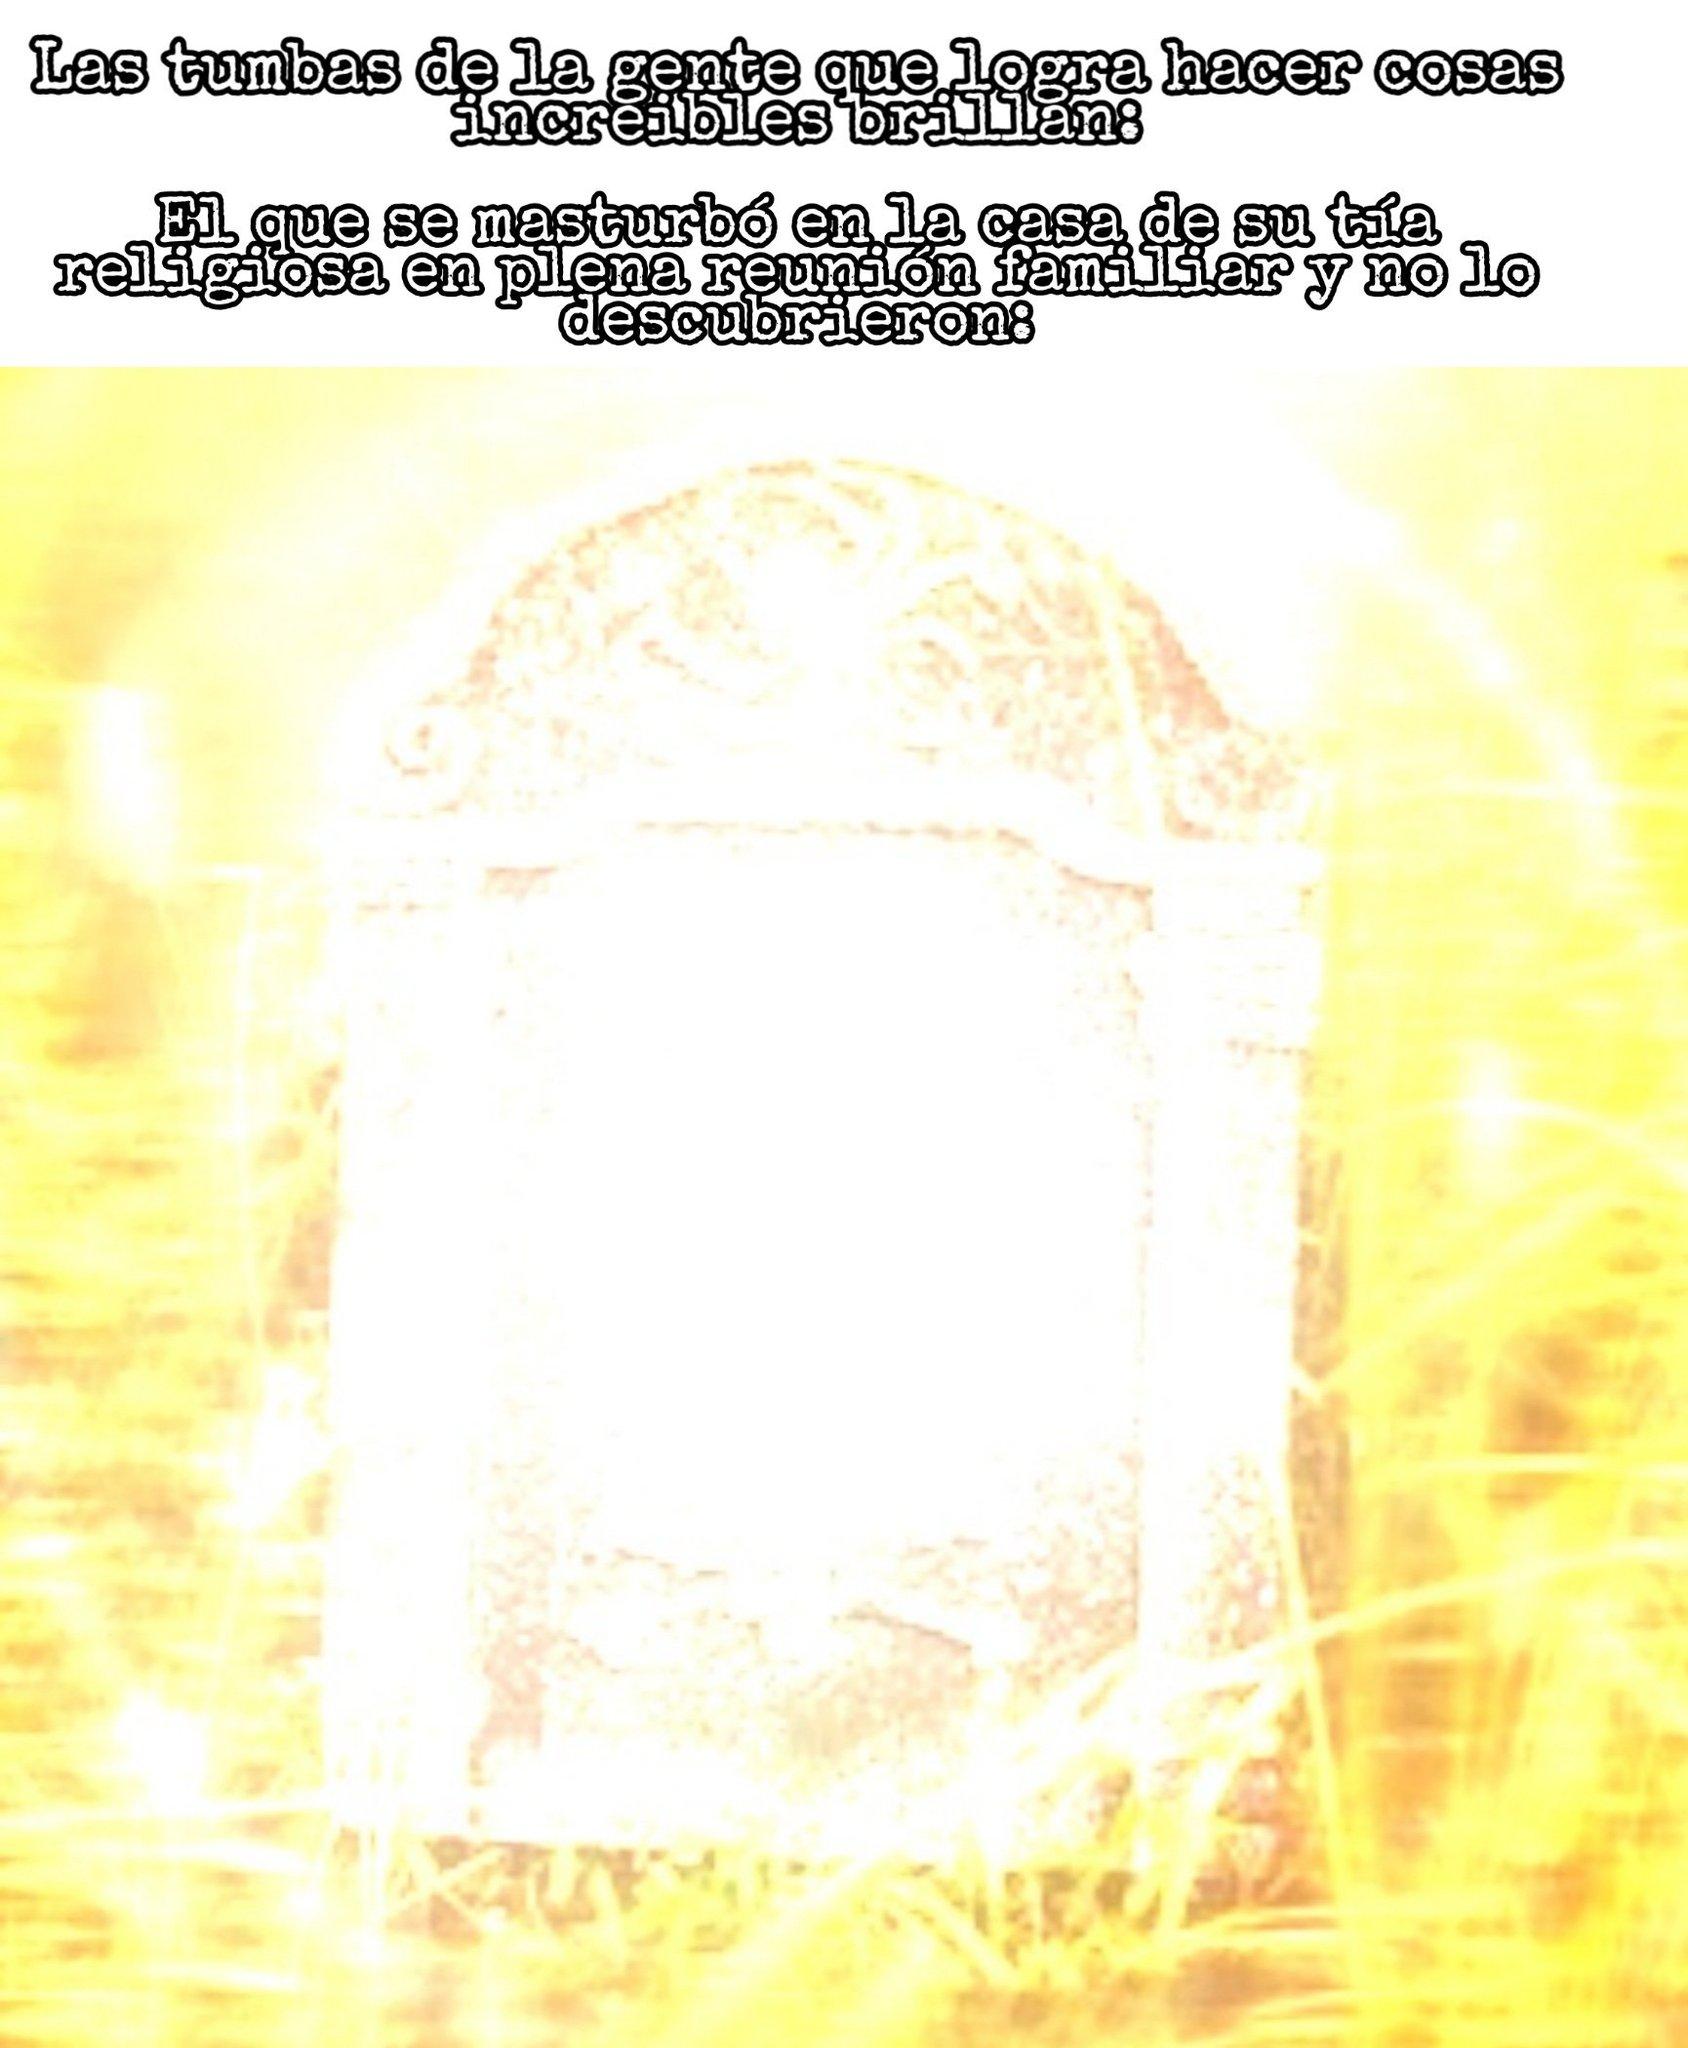 No la sobreexploten - meme